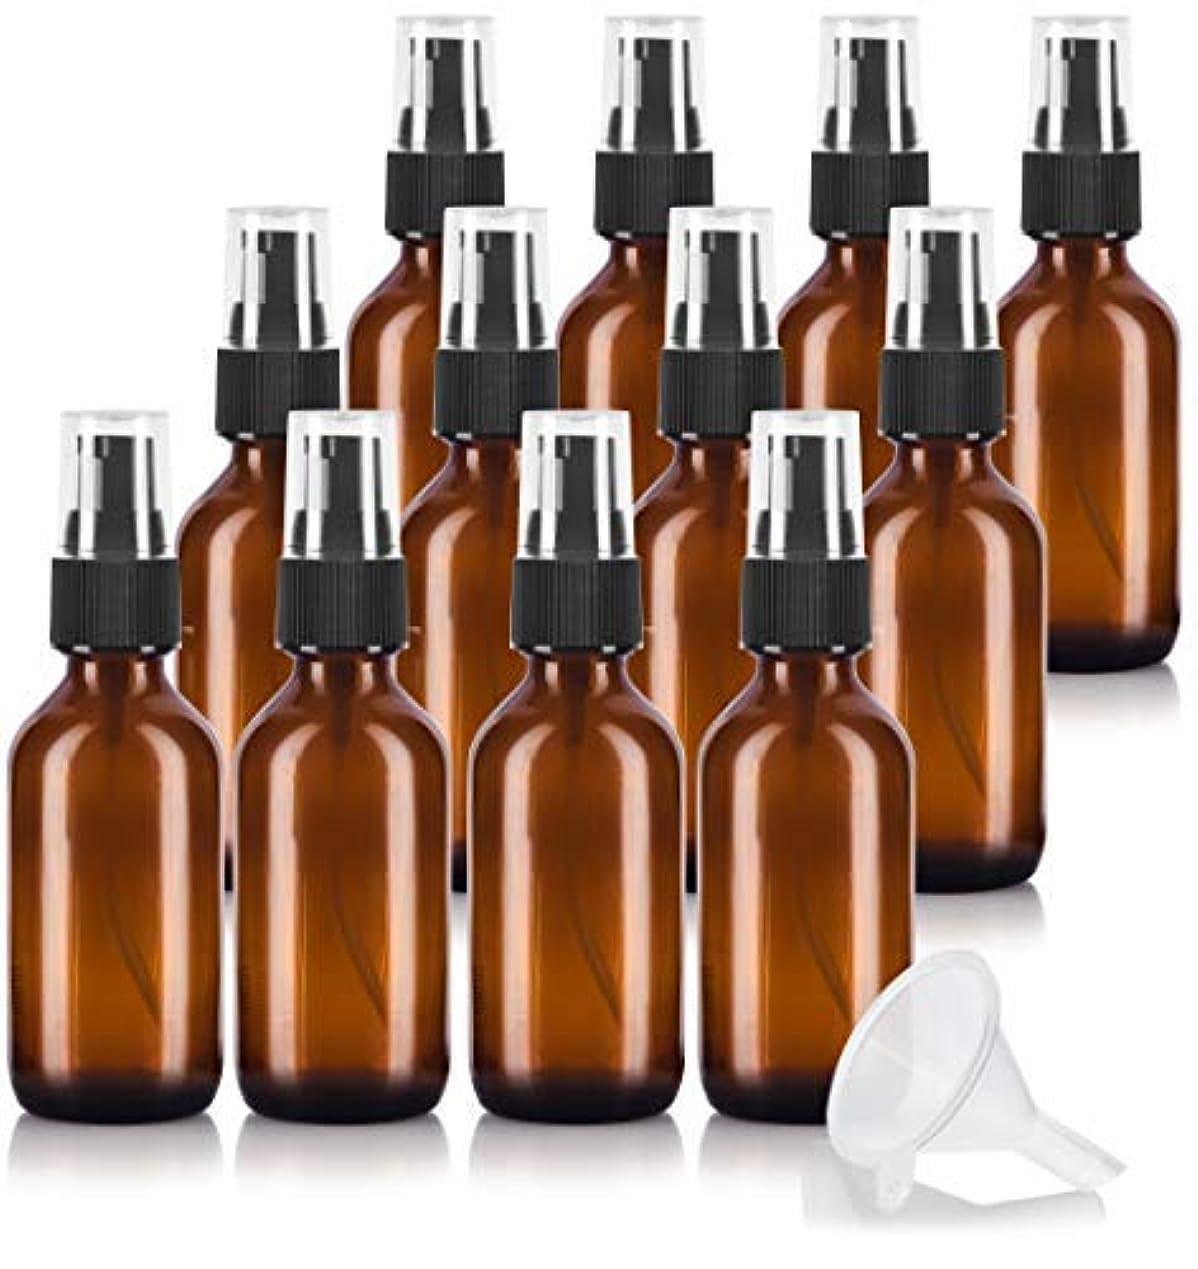 不安仲人一流2 oz Amber Glass Boston Round Treatment Pump Bottle (12 pack) + Funnel and Labels for essential oils, aromatherapy...